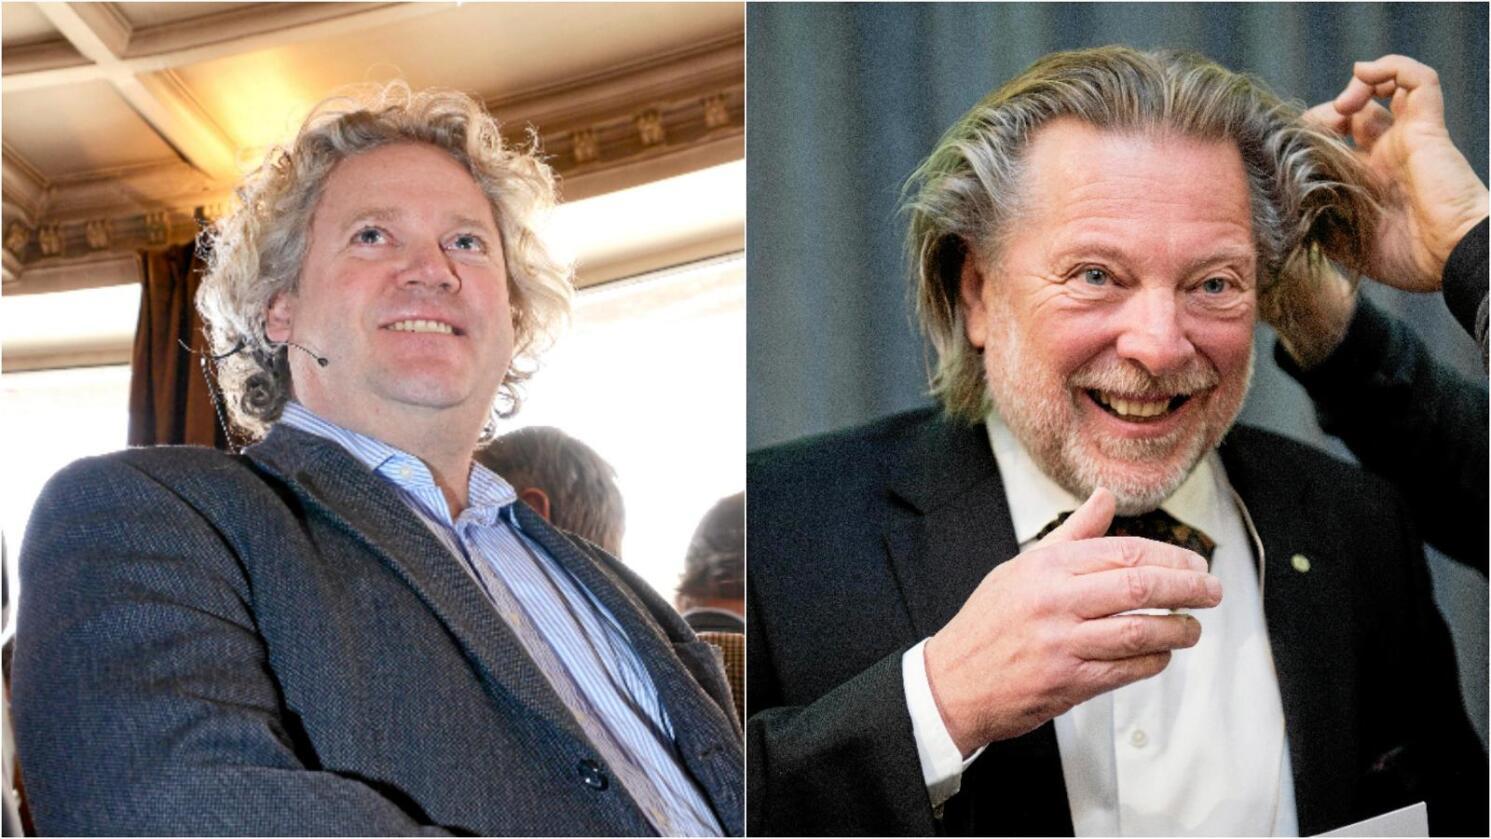 Johan Johannson (t.v.) og Odd Reitan er Norges andre og tredje rikeste, ifølge Kapital. Fotomontasje: Mariann Tvete og Ole Martin Wold / NTB scanpix